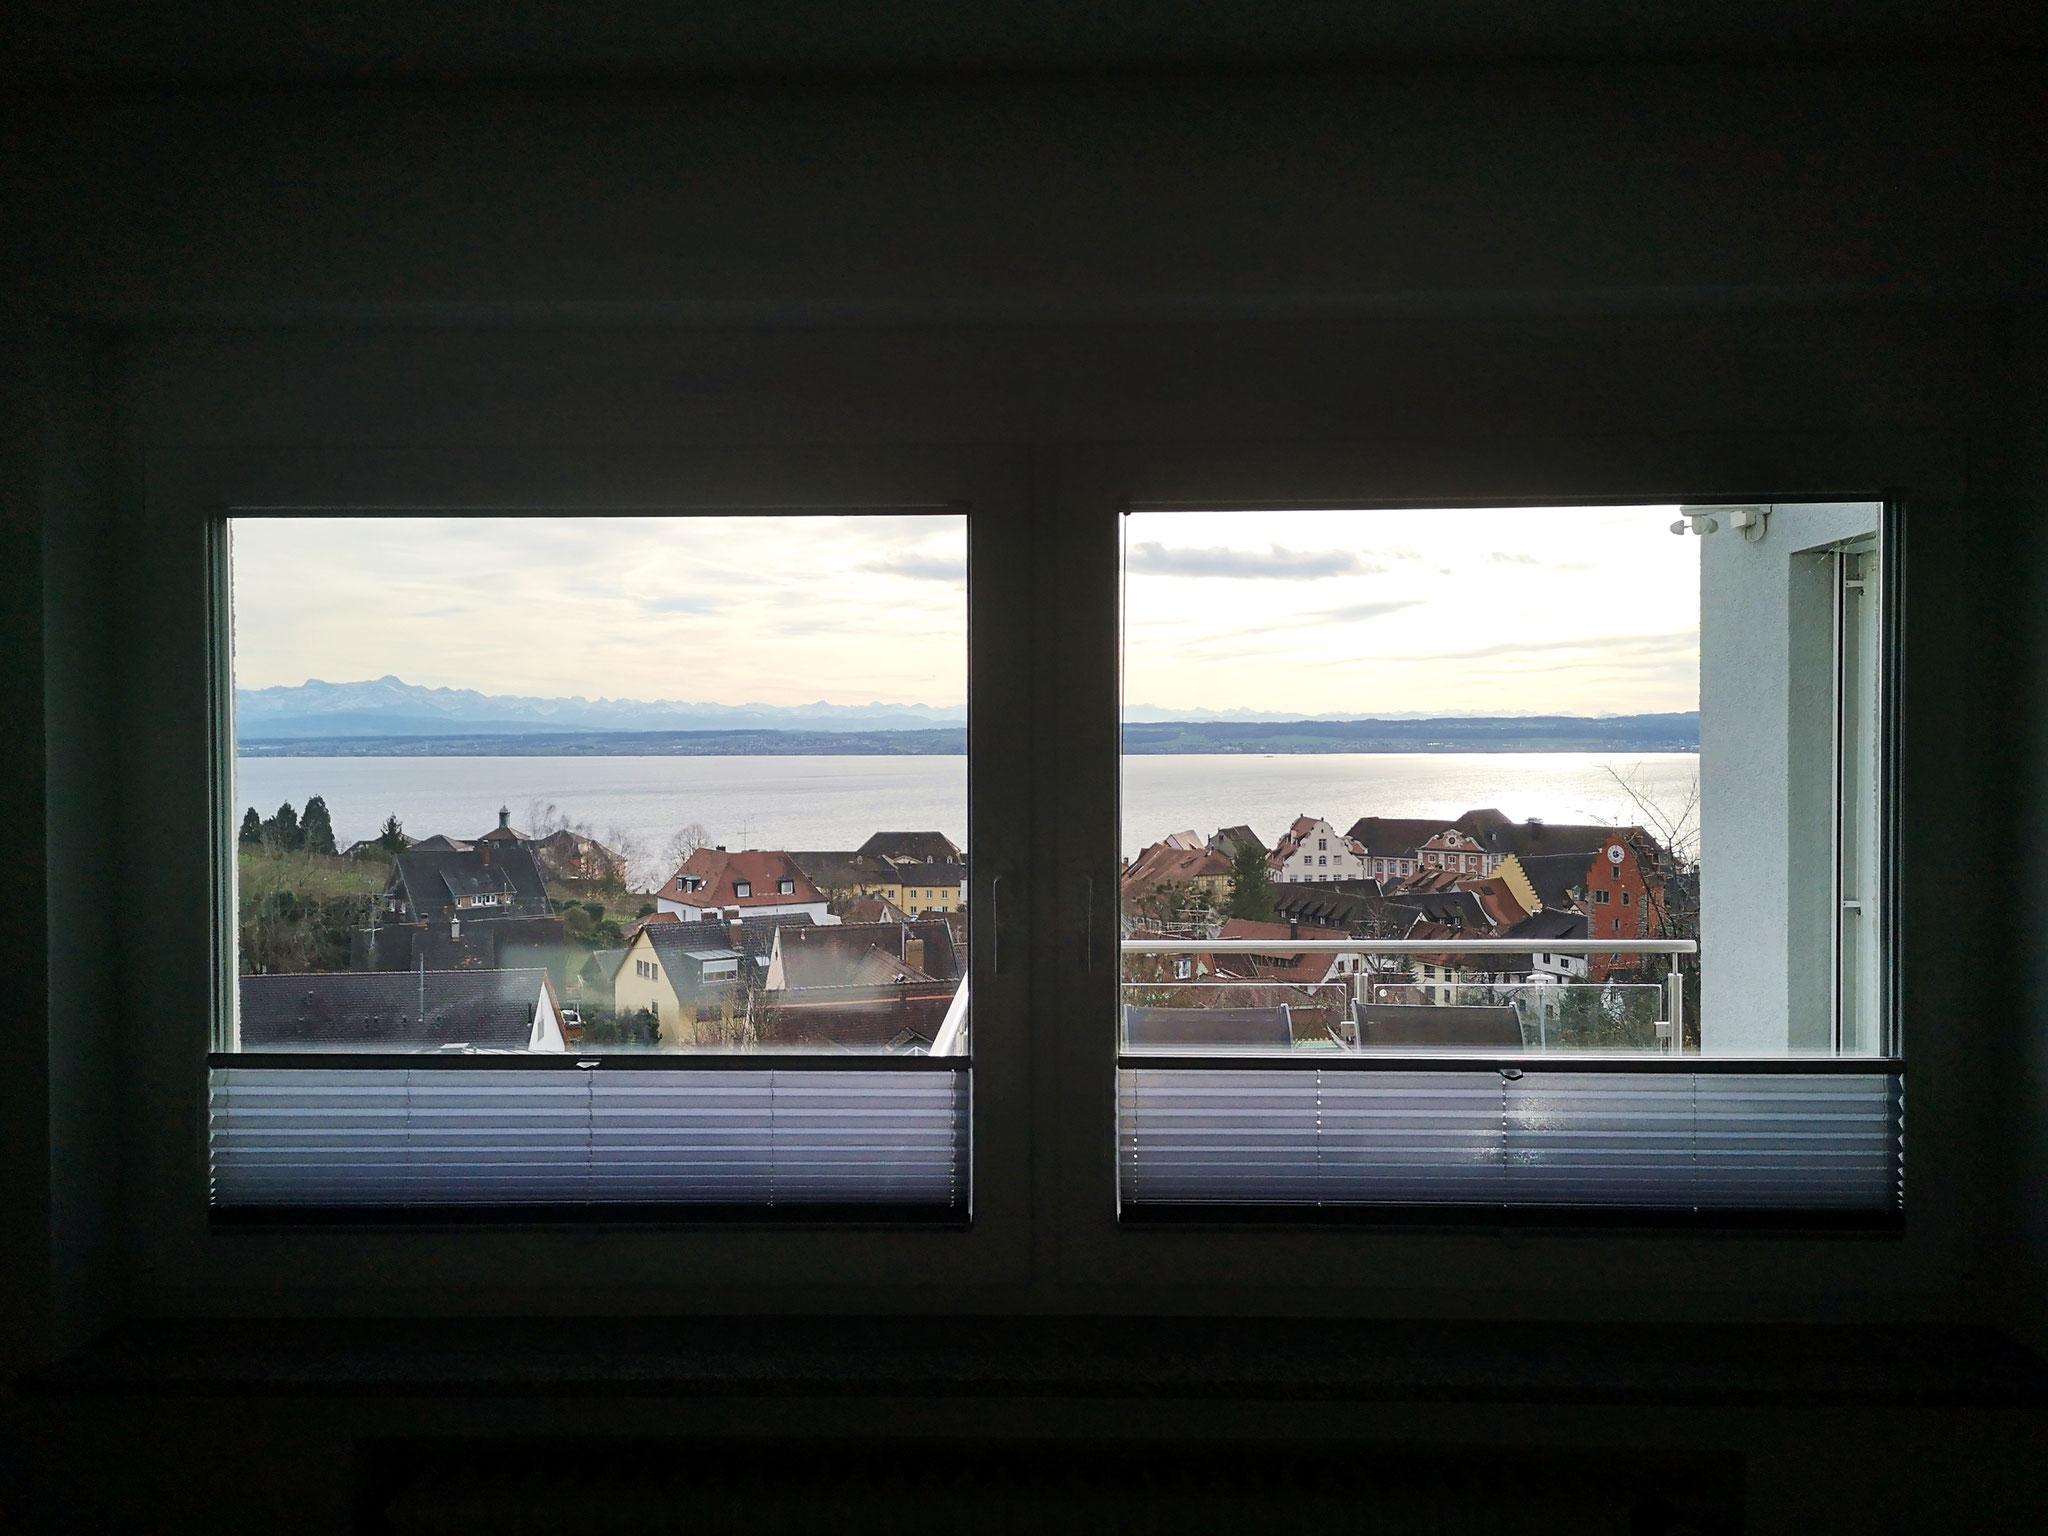 Ausblick auf dem See aus dem Schlafzimmer 1